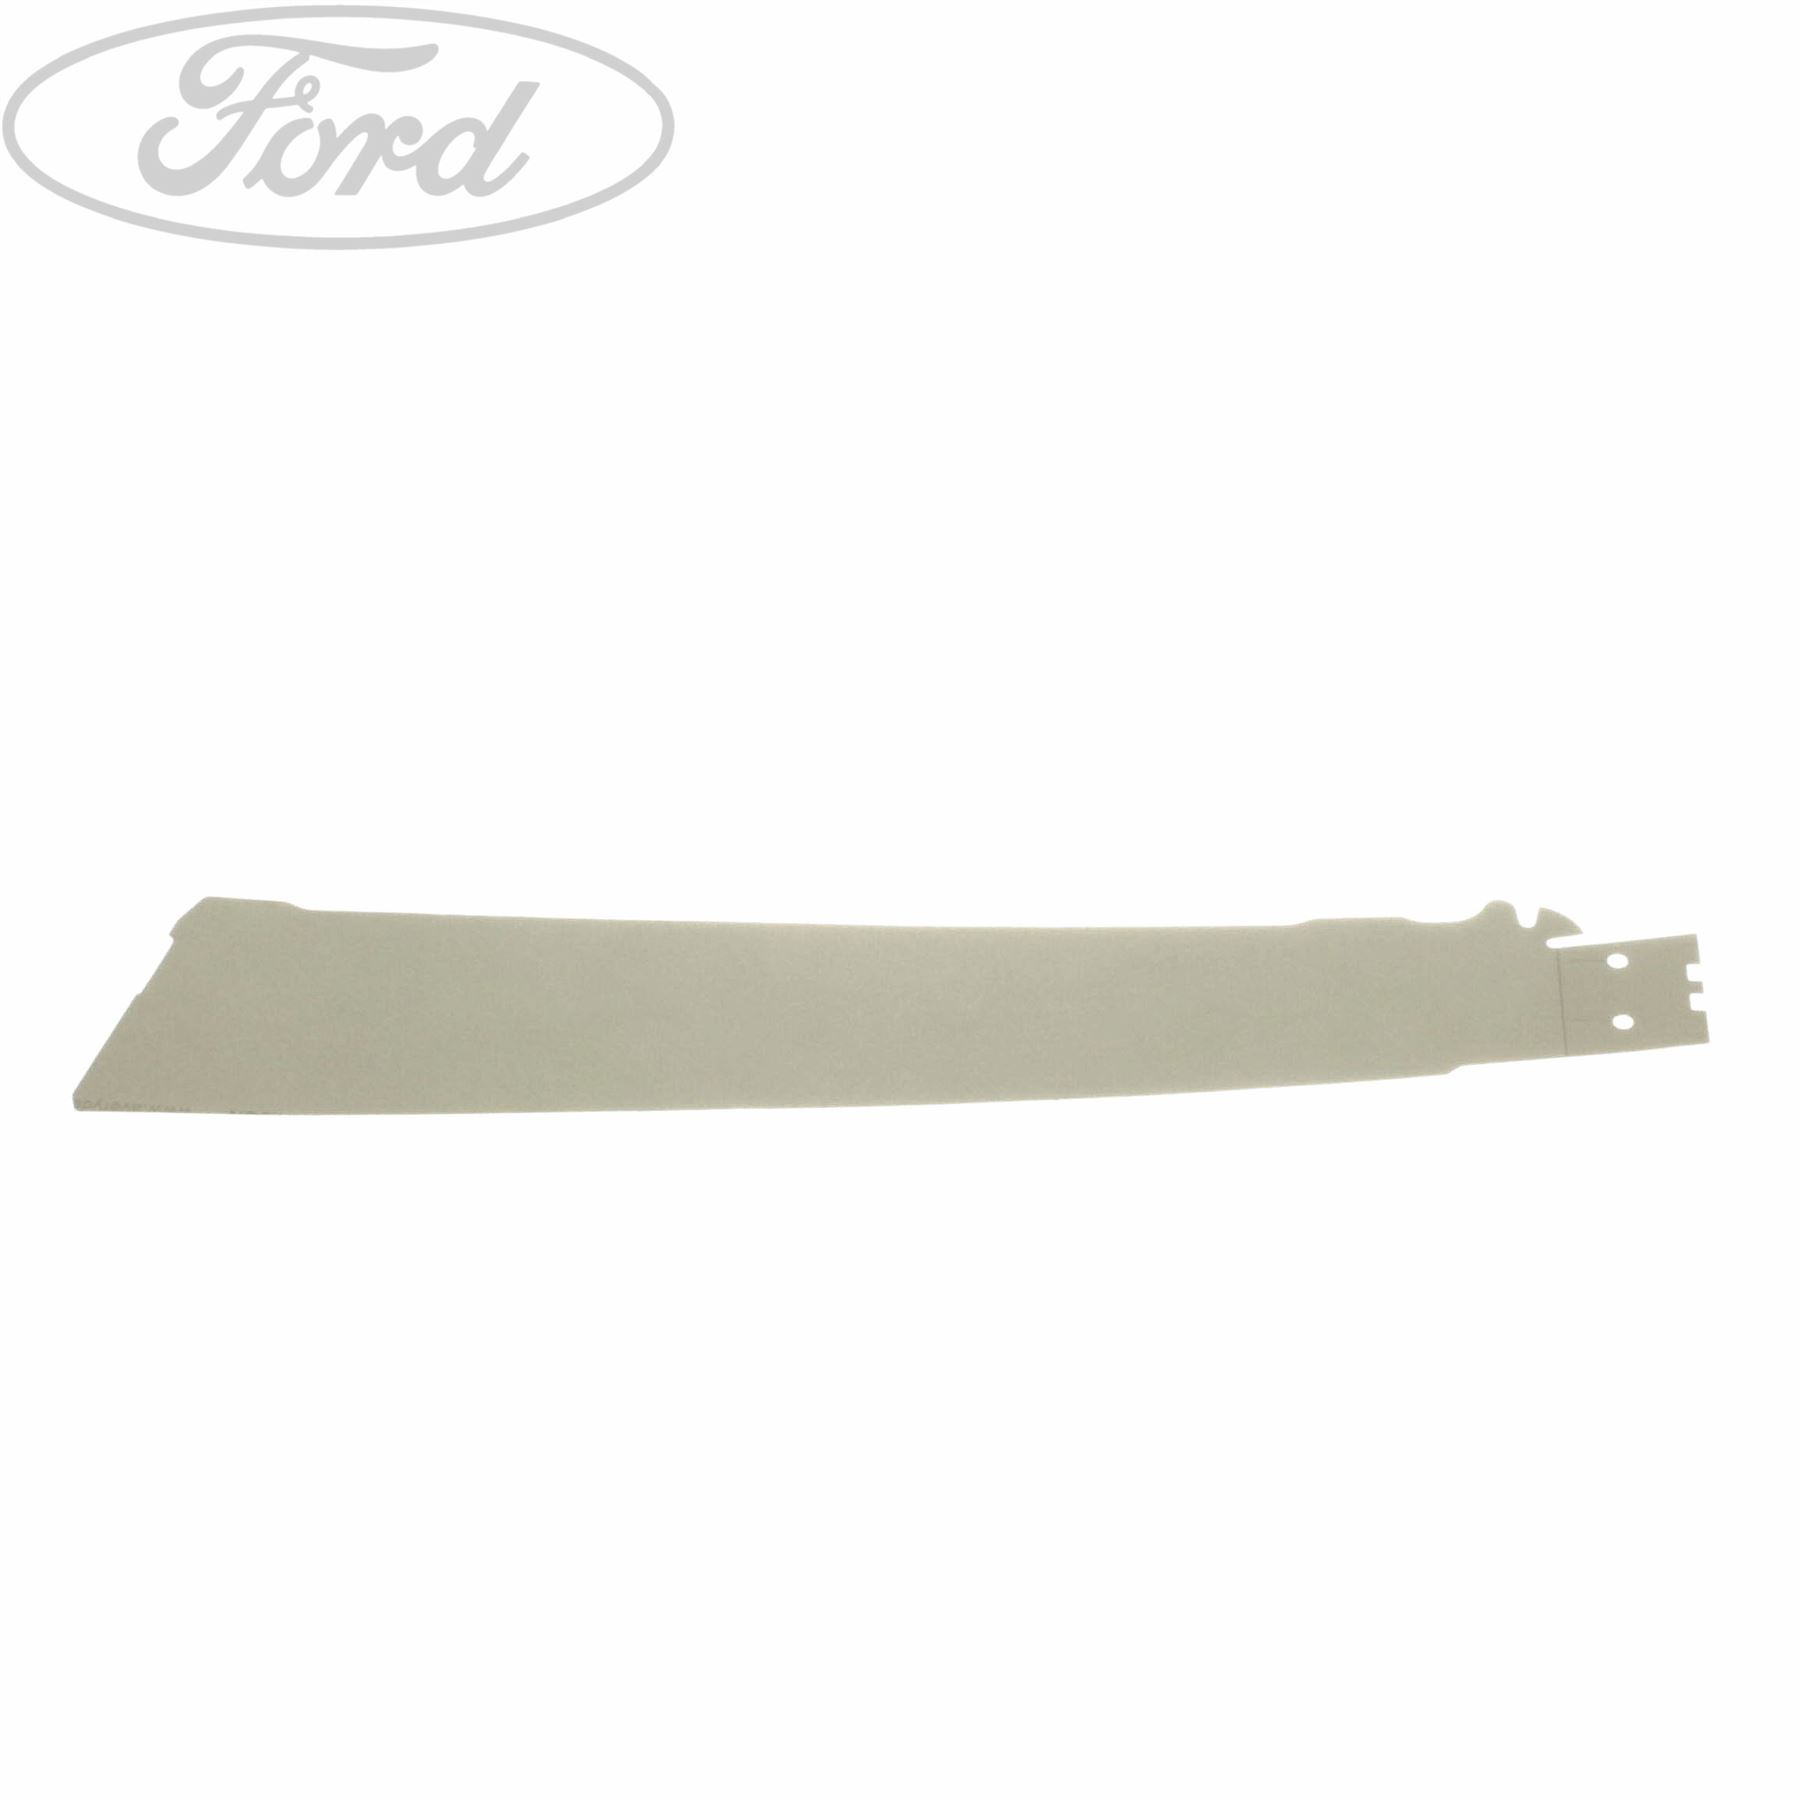 Genuine Ford Fiesta MK7 N//S Door Window Frame Moulding 1759195